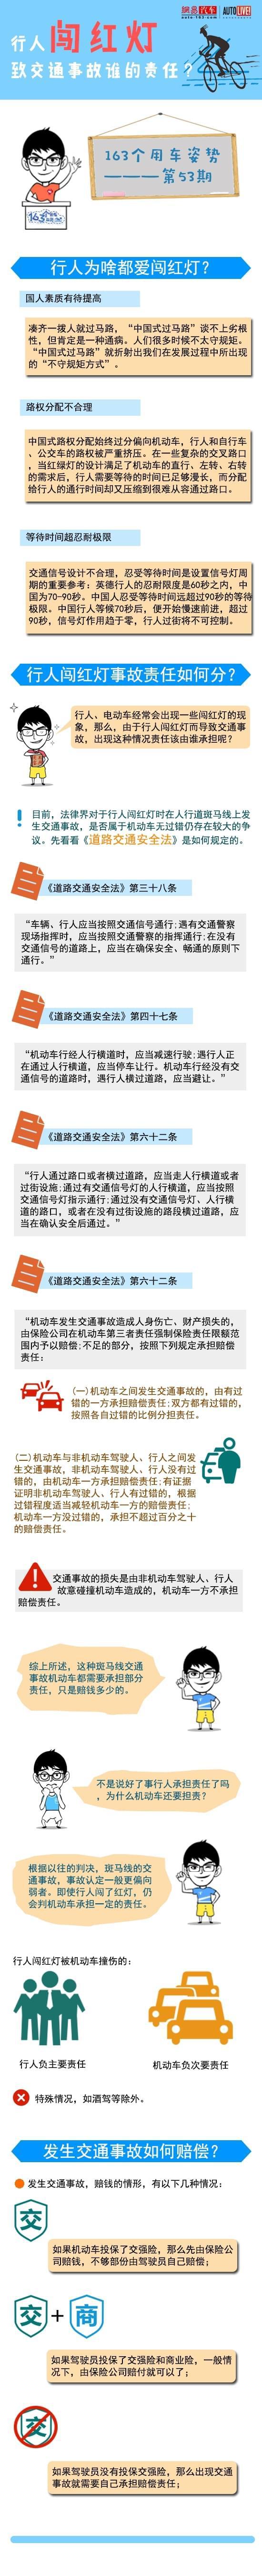 行人闯红灯拍照抄单位 事故责任由谁担责?